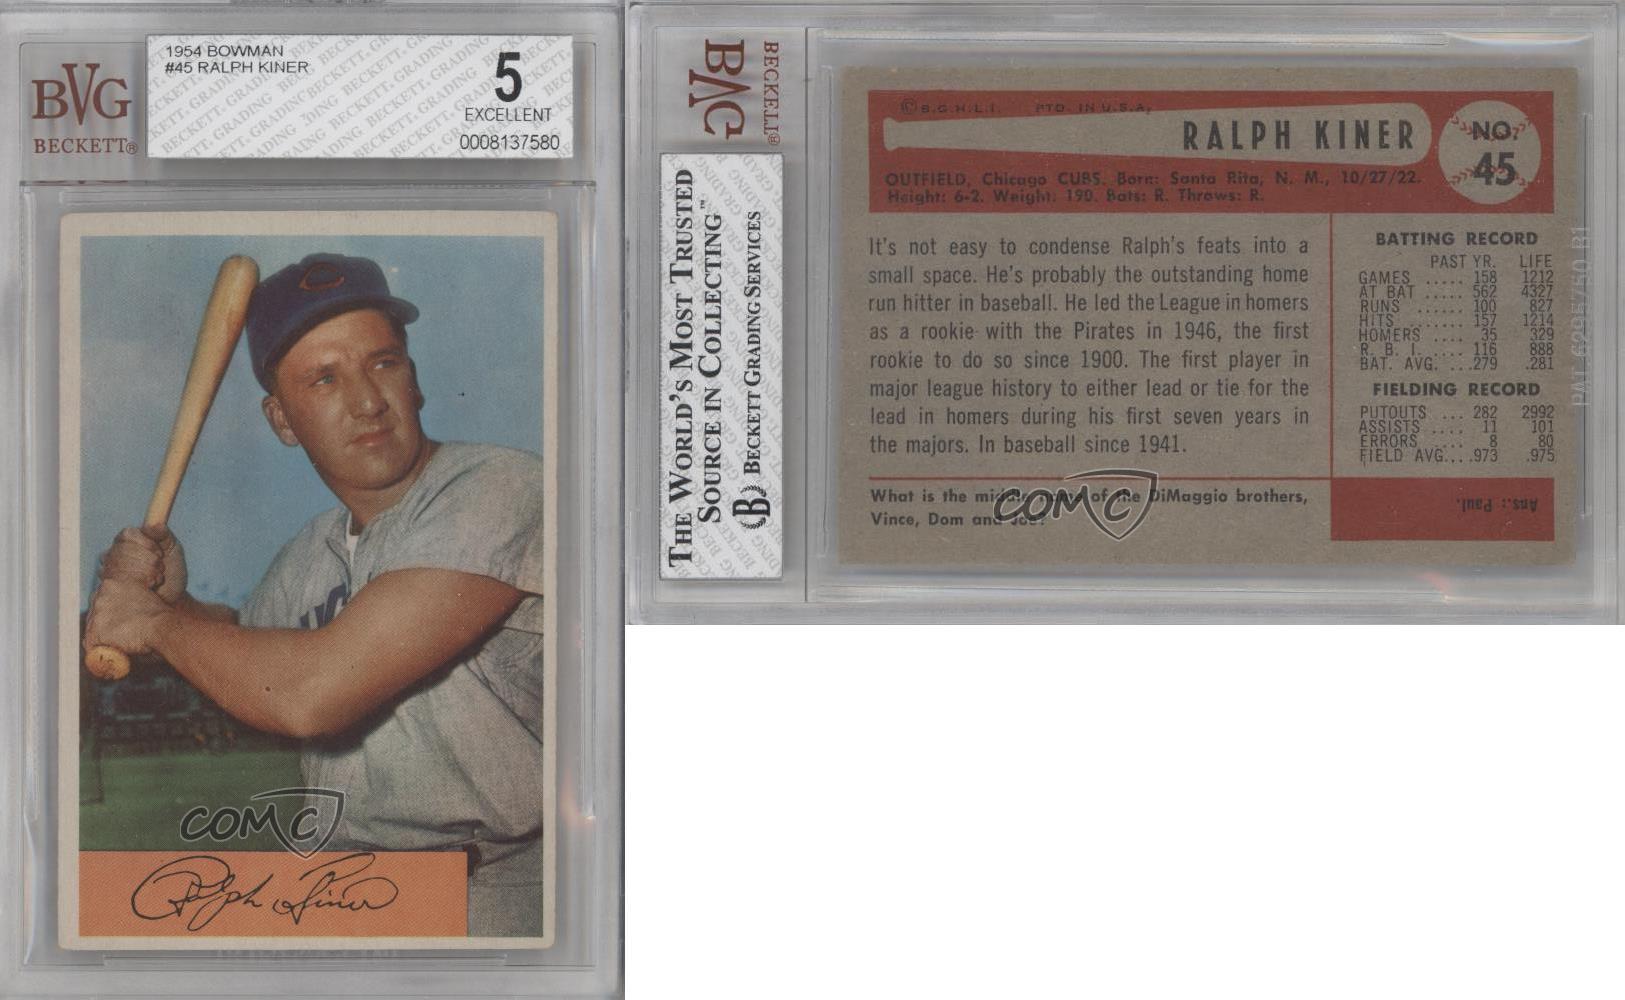 1954 bowman 45 ralph kiner bvg 5 chicago cubs baseball card ebay. Black Bedroom Furniture Sets. Home Design Ideas